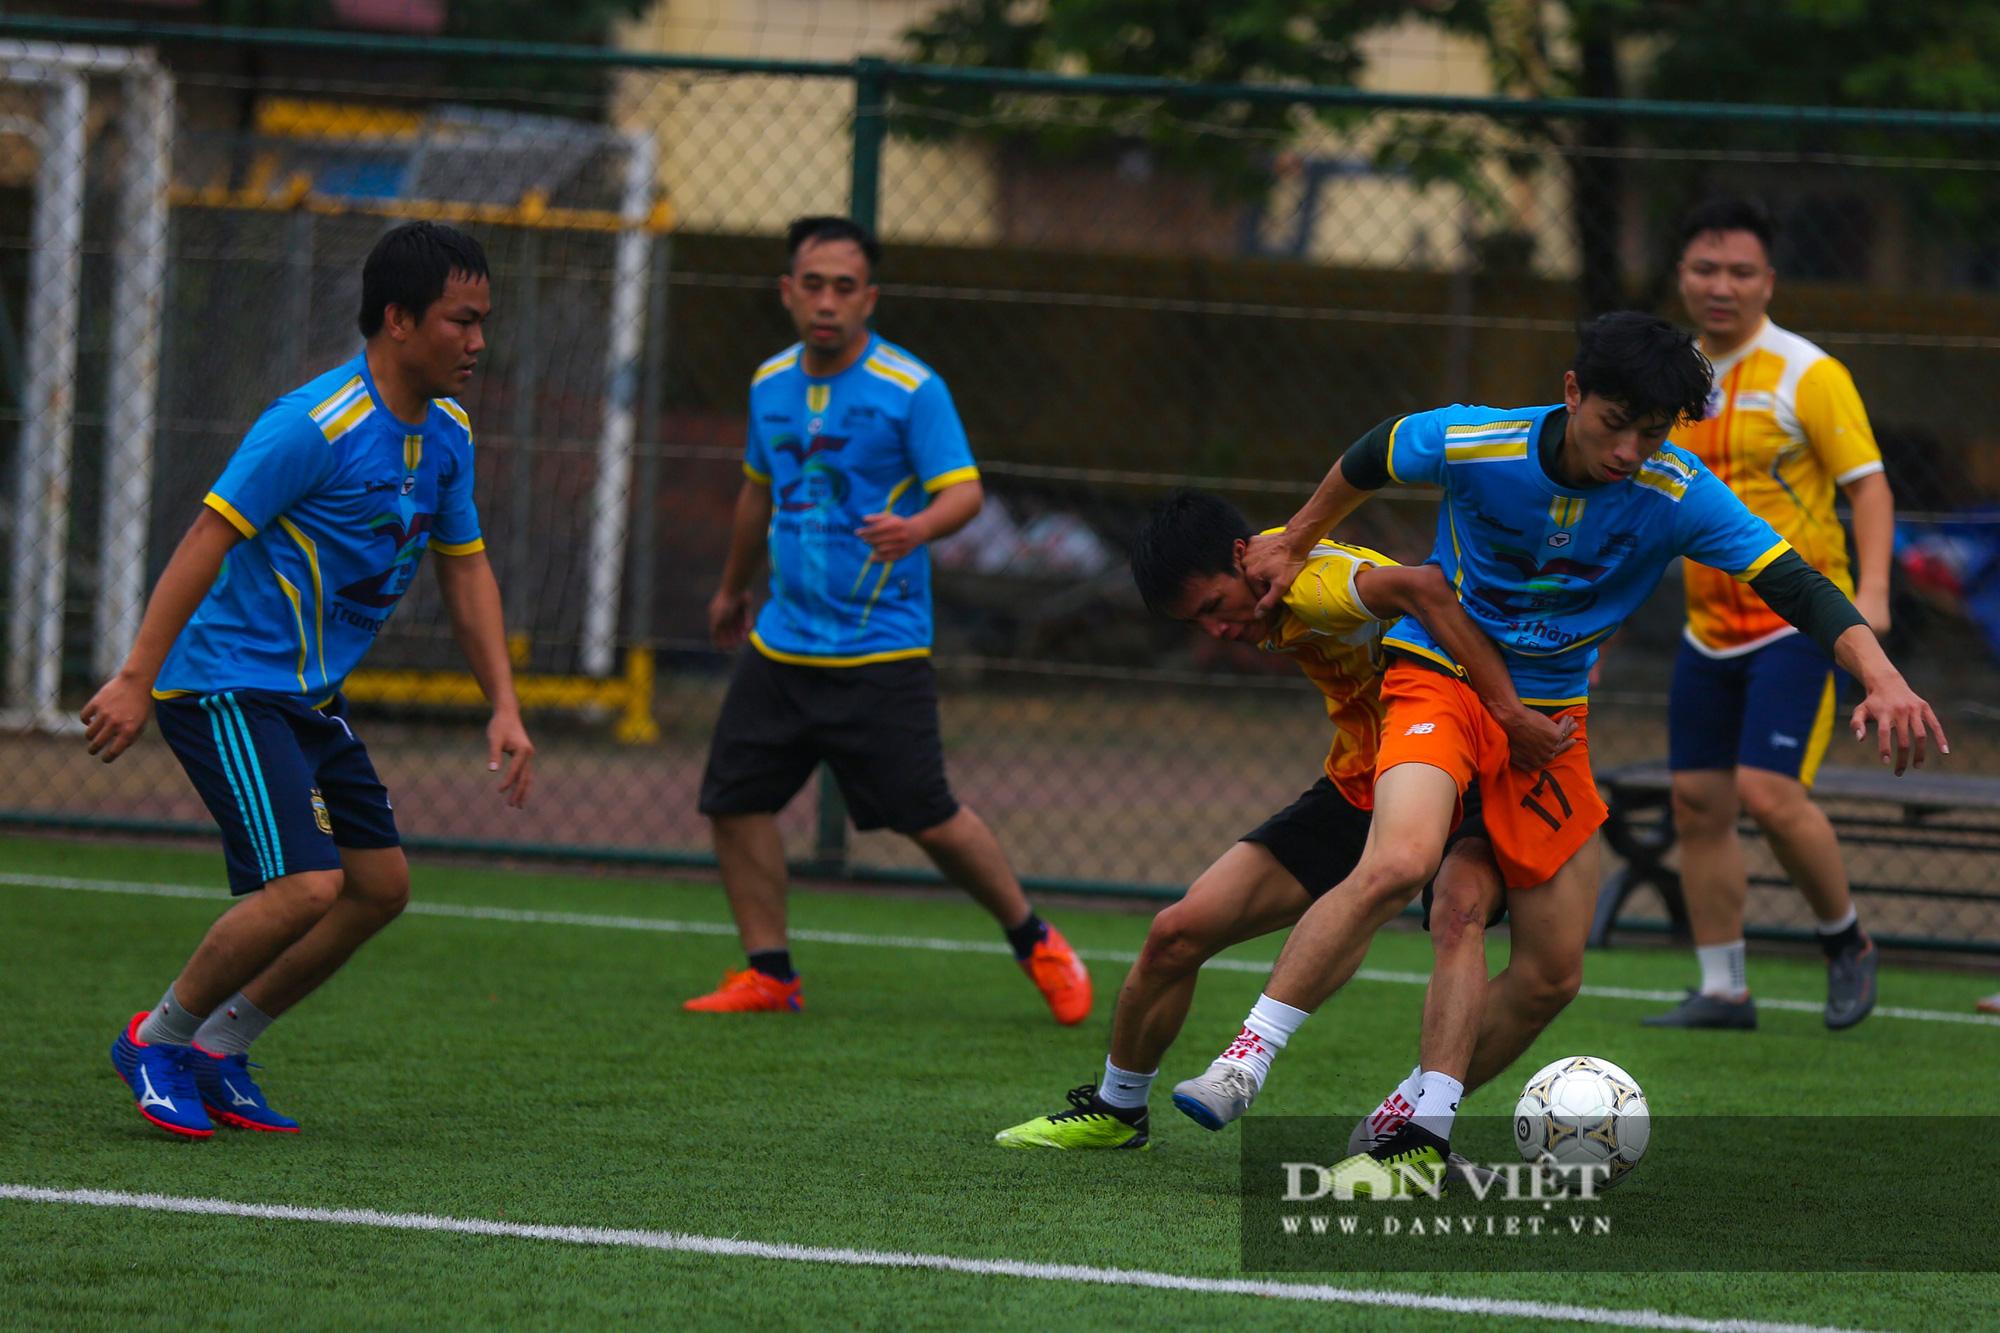 Khoảnh khắc lượt trận cuối cùng vòng bảng giải bóng đá báo NTNN/Dân Việt  - Ảnh 14.